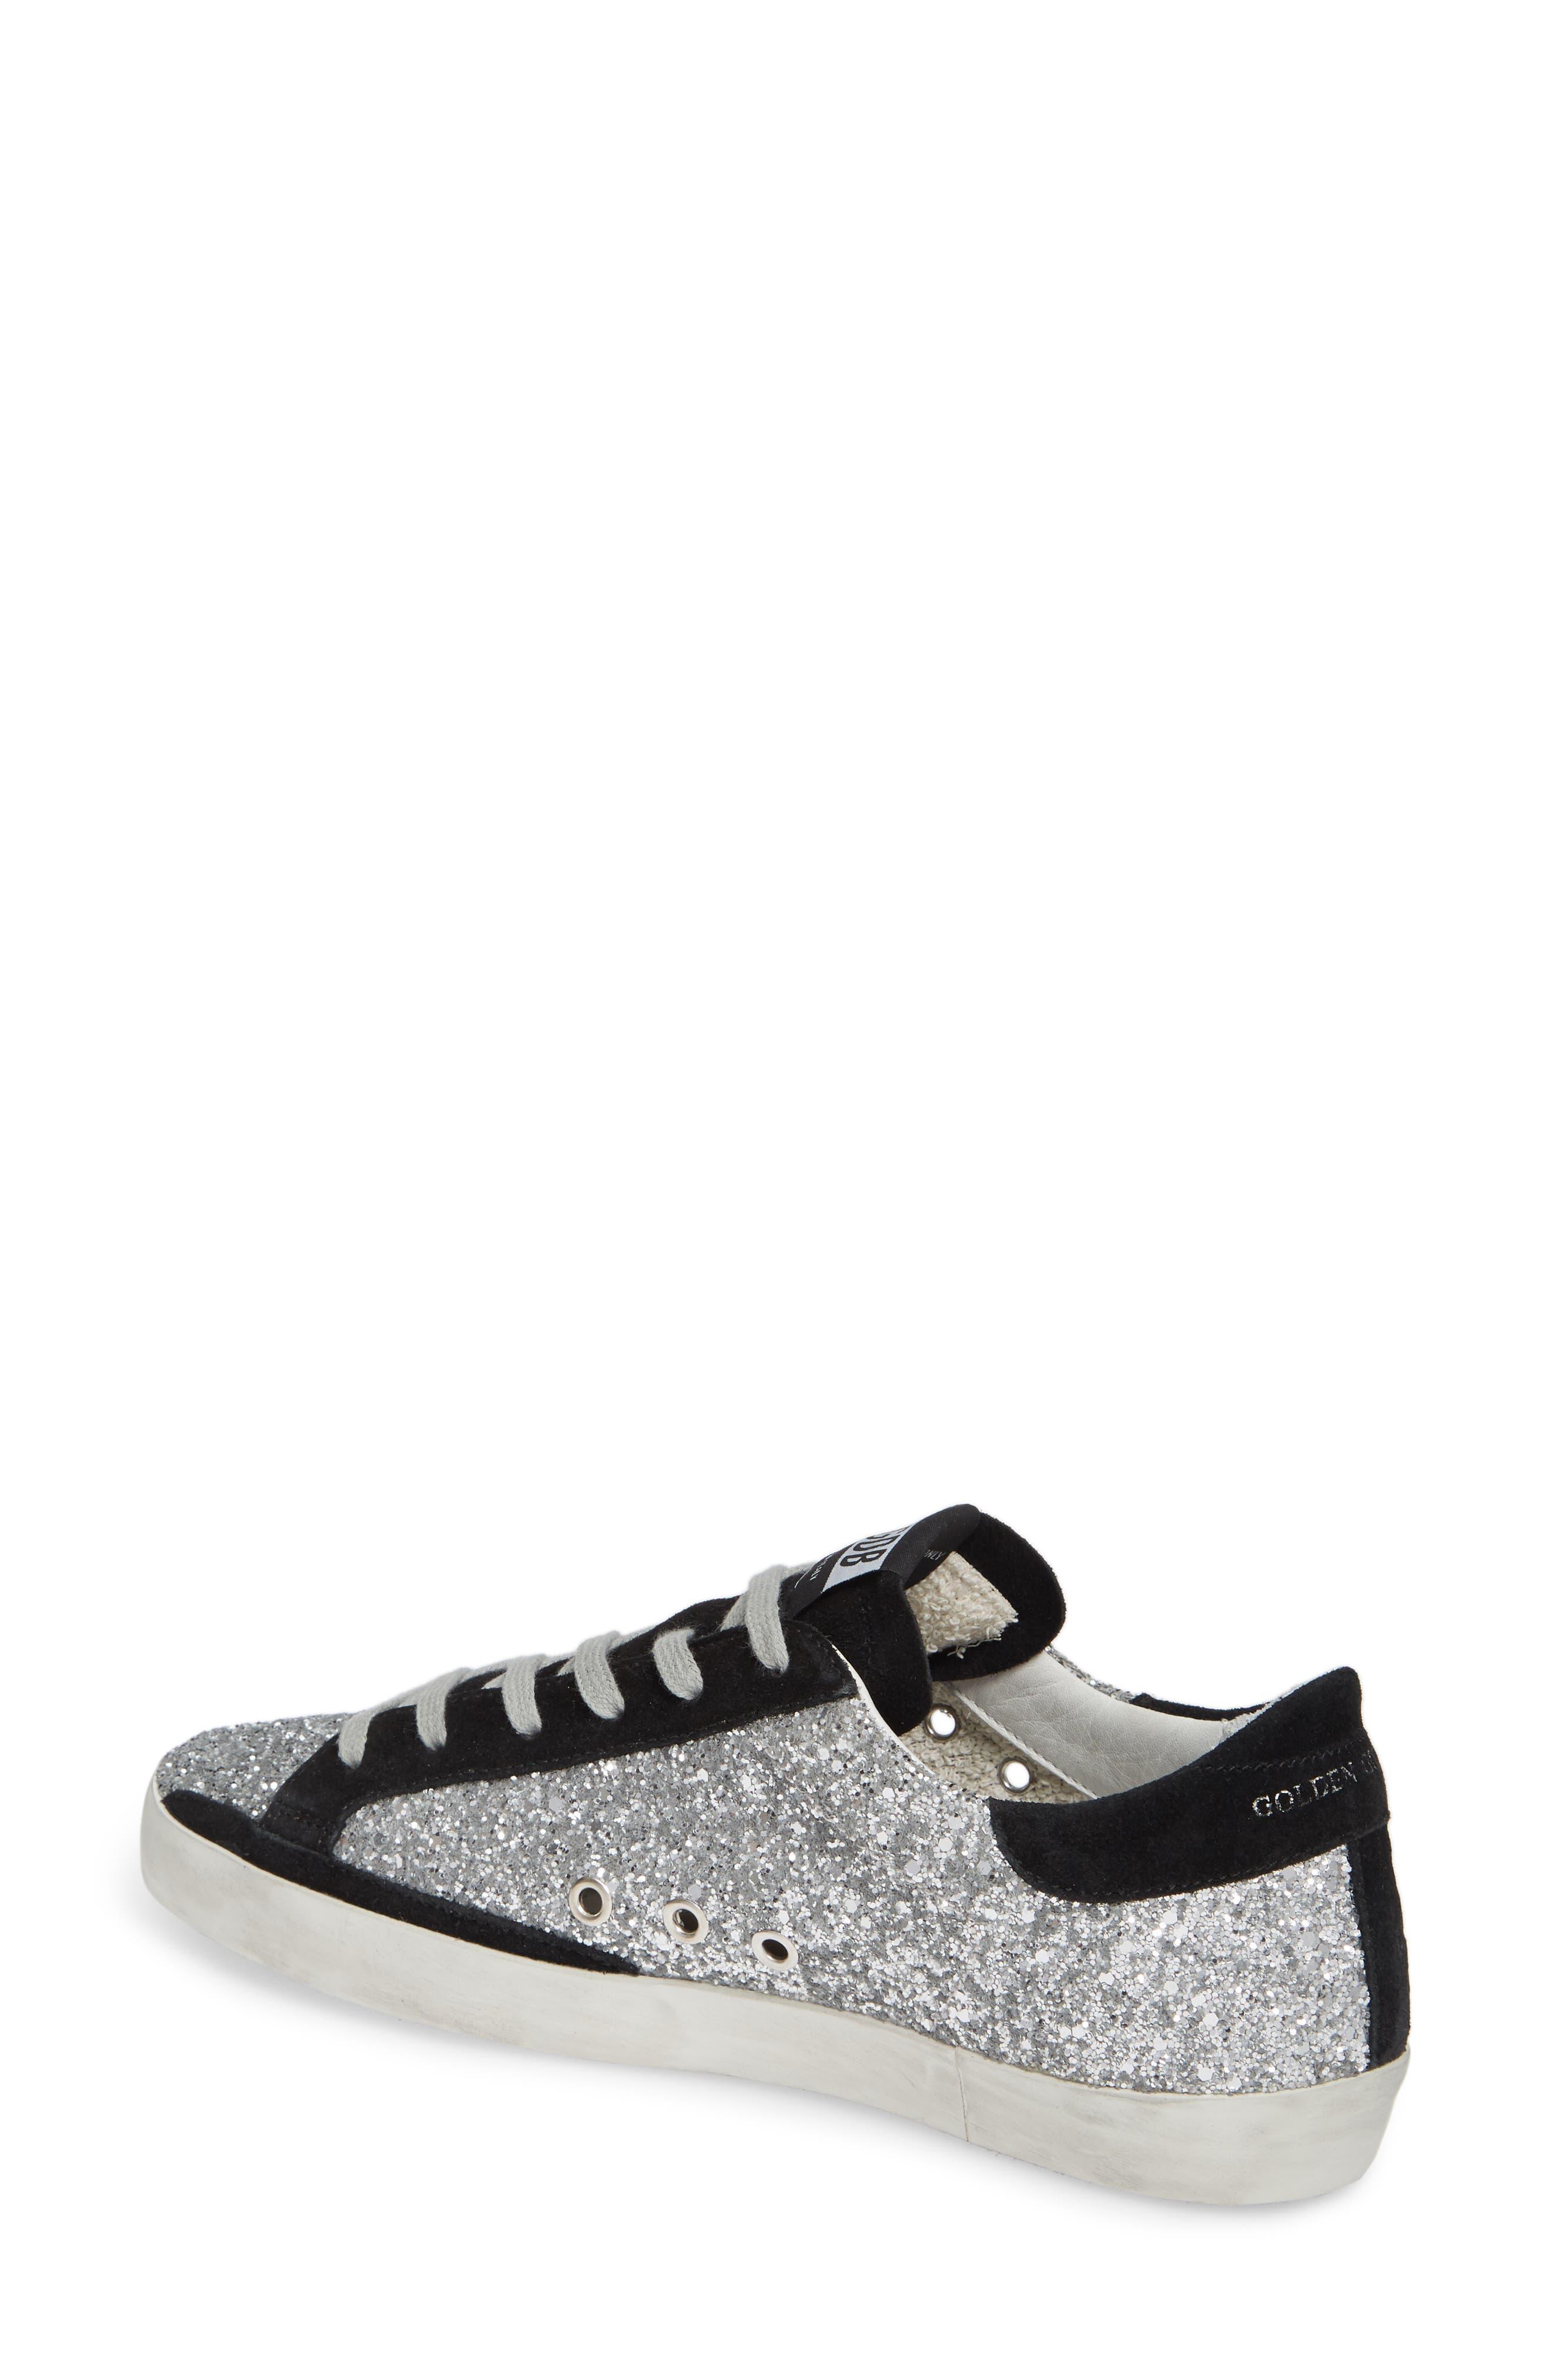 Superstar Glitter Sneaker,                             Alternate thumbnail 2, color,                             040